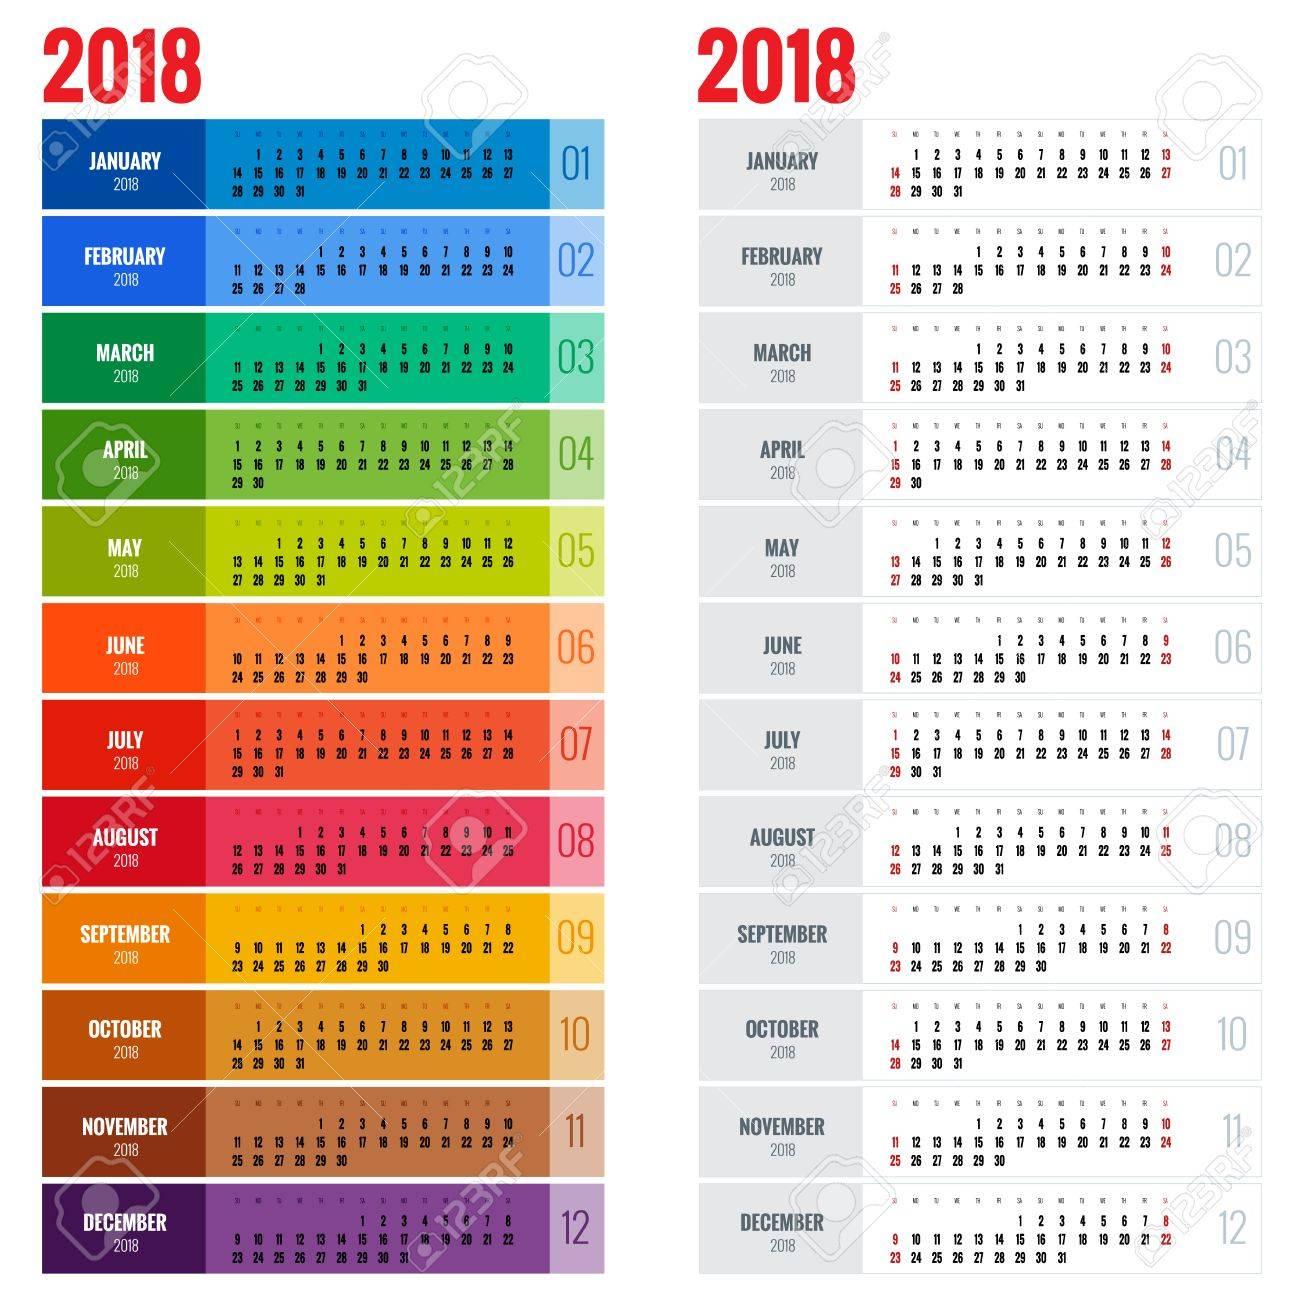 Jahreskalender Planer Vorlage Für 2018 Jahr. Lizenzfrei Nutzbare ...